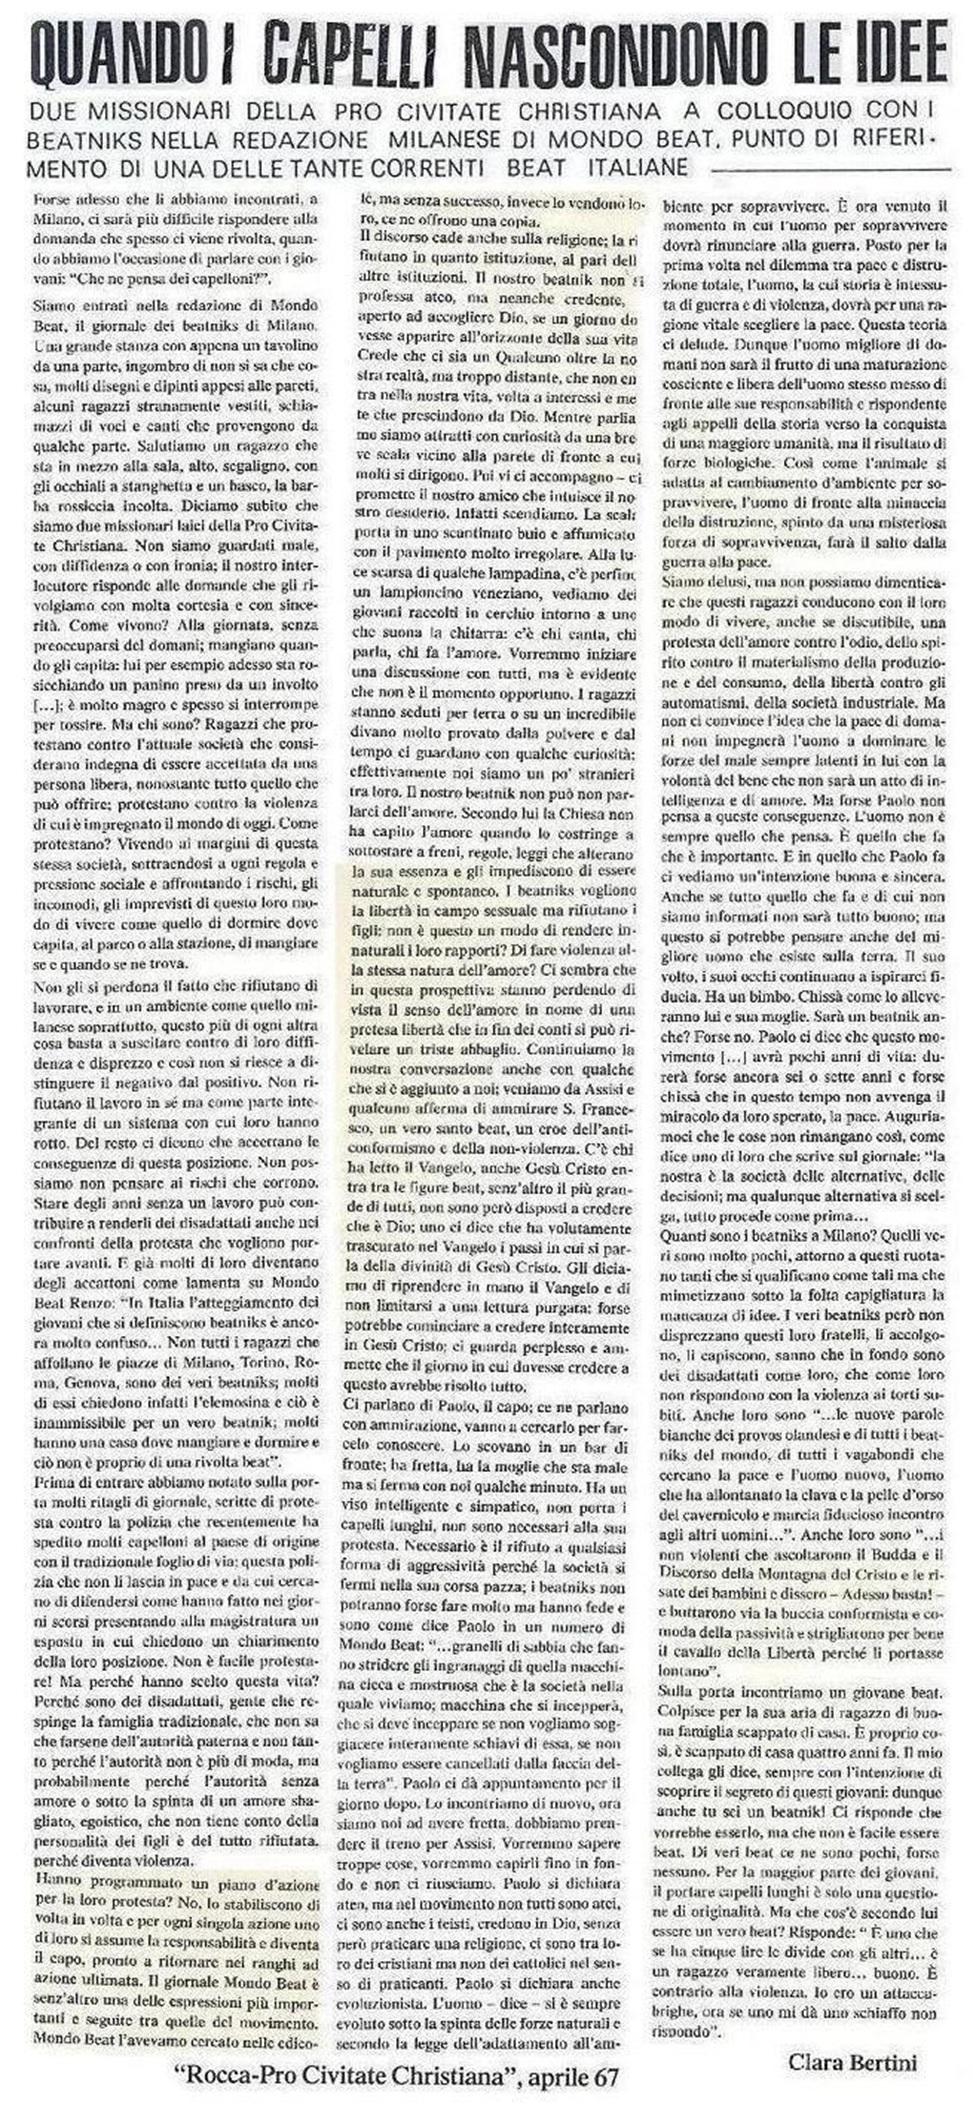 Articolo di Clara Bertini, giornalista della rivista Rocca-Pro Civitate Christiana